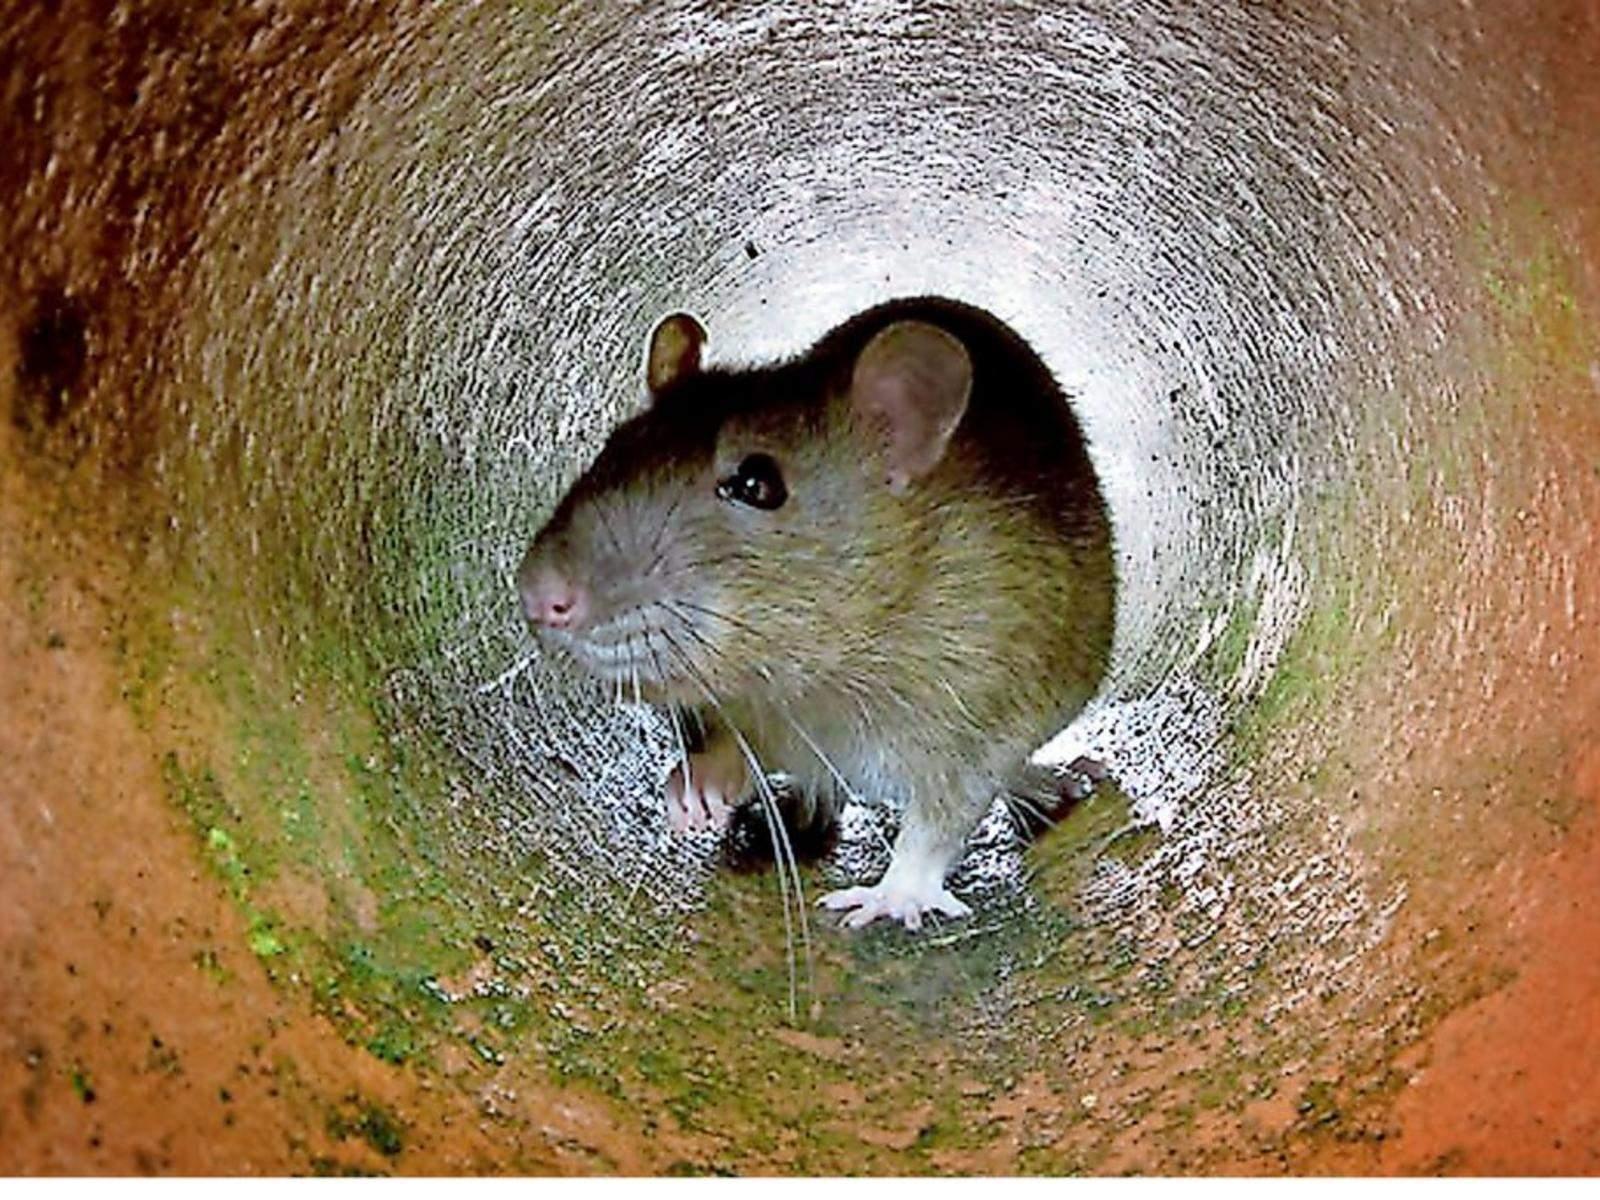 Ratten Im Garten Das Beste Von Burgdorf Rattenplage Beunruhigt Ehlershäuser Ehepaar